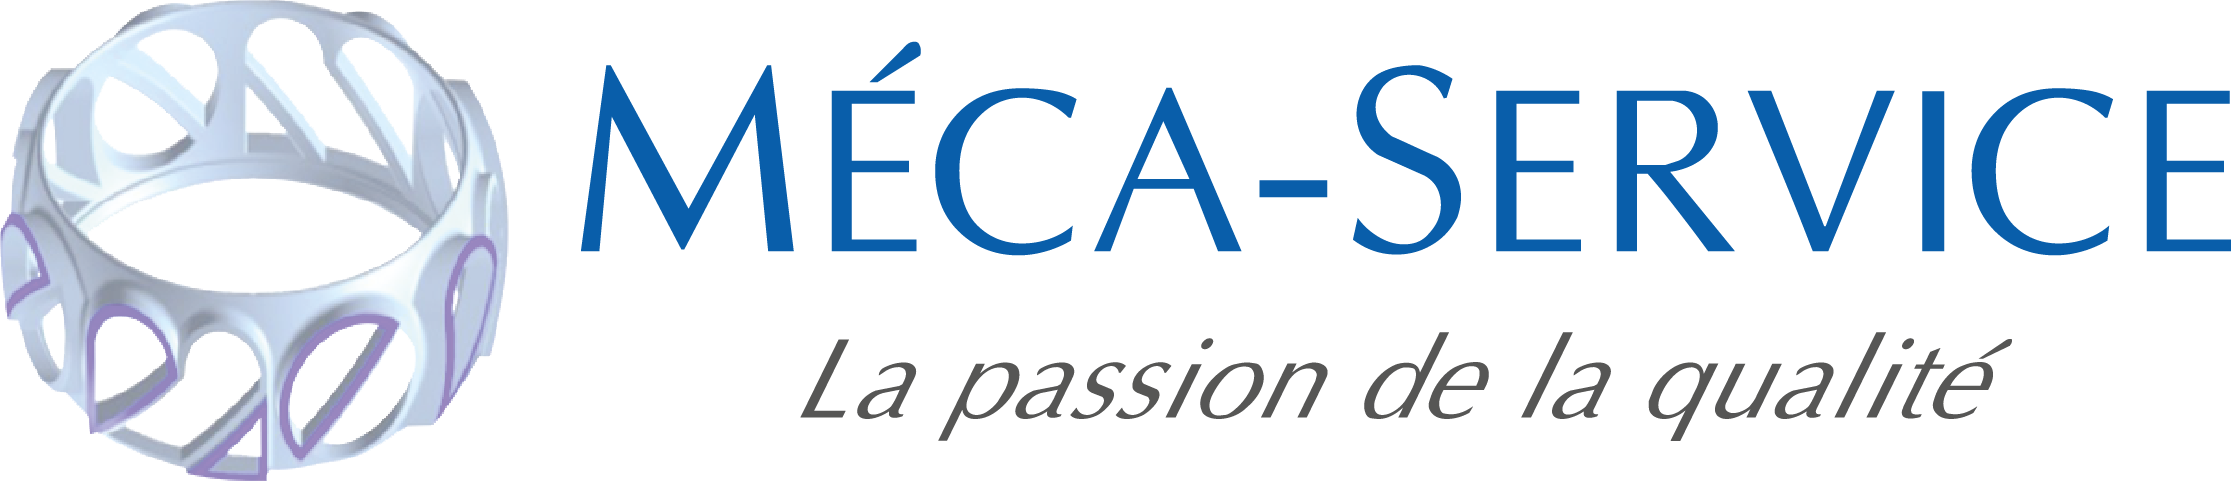 Meca Service spécialiste de la mécanique de précision en Alsace